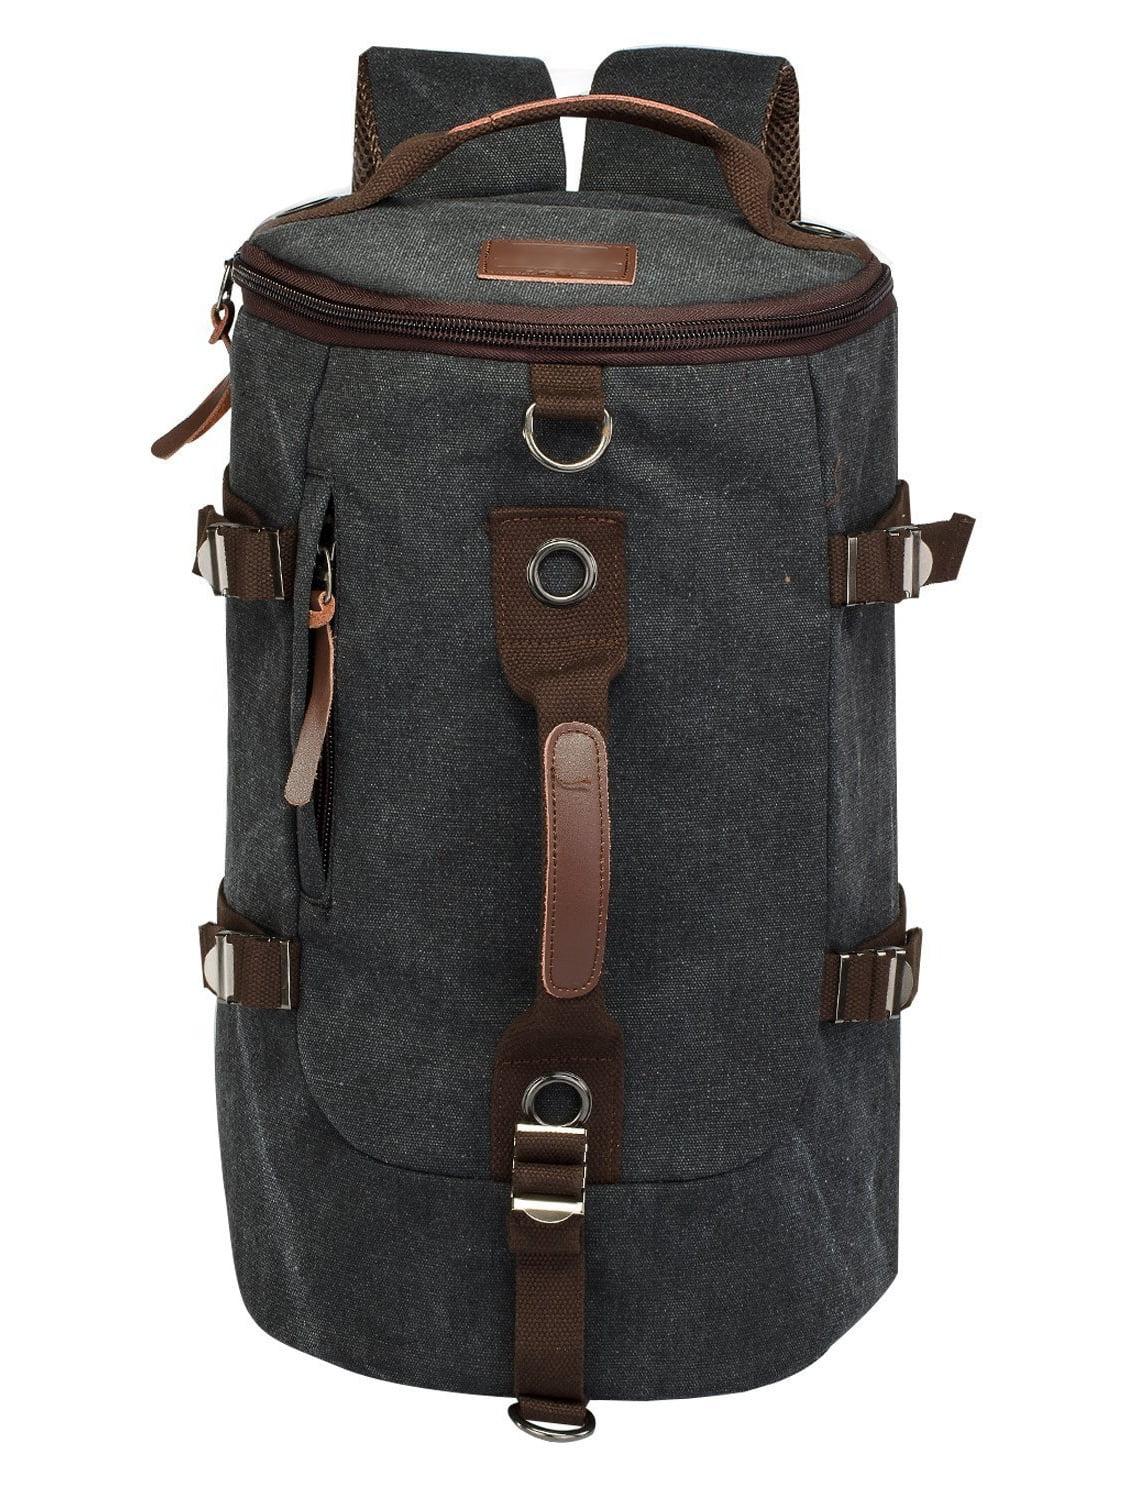 LUXUR Retro Duffel 30L Cylinder Bag Canvas Travel Backpack Hiking Shoulder Handbag by LUXUR